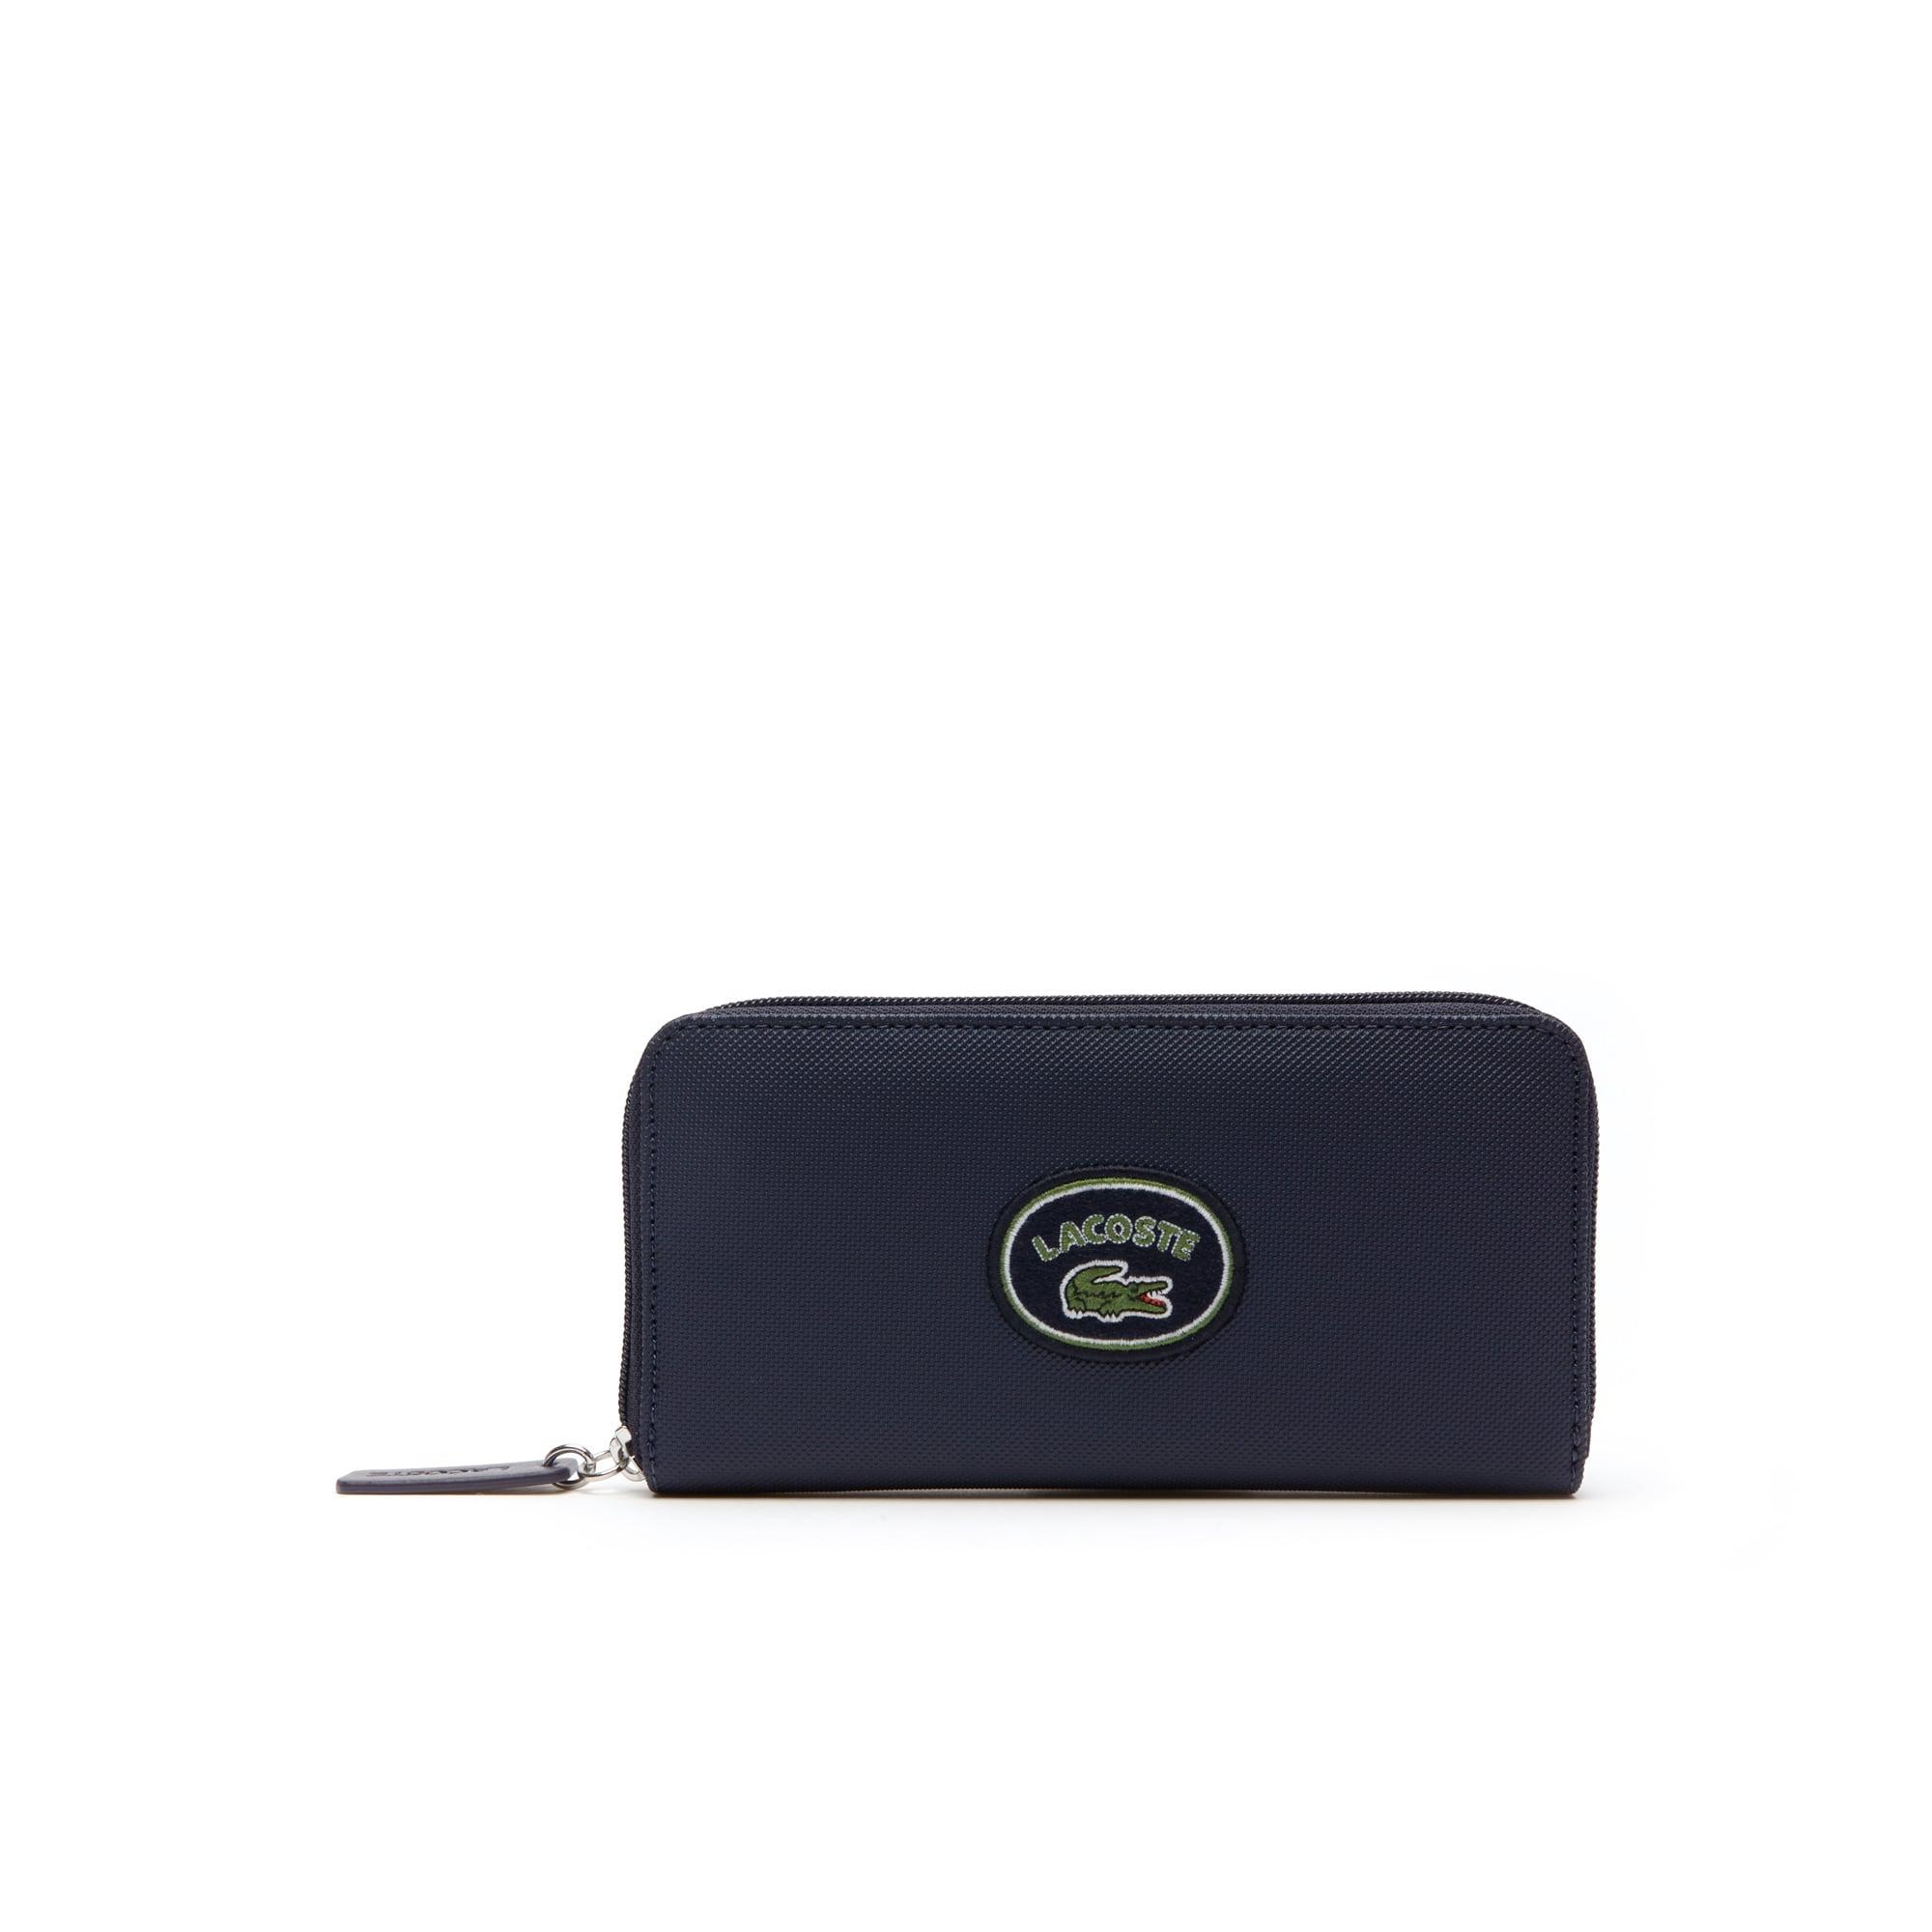 Billetera De Mujer L.12.12 Concept En Petit Piqué Con Insignia Lacoste